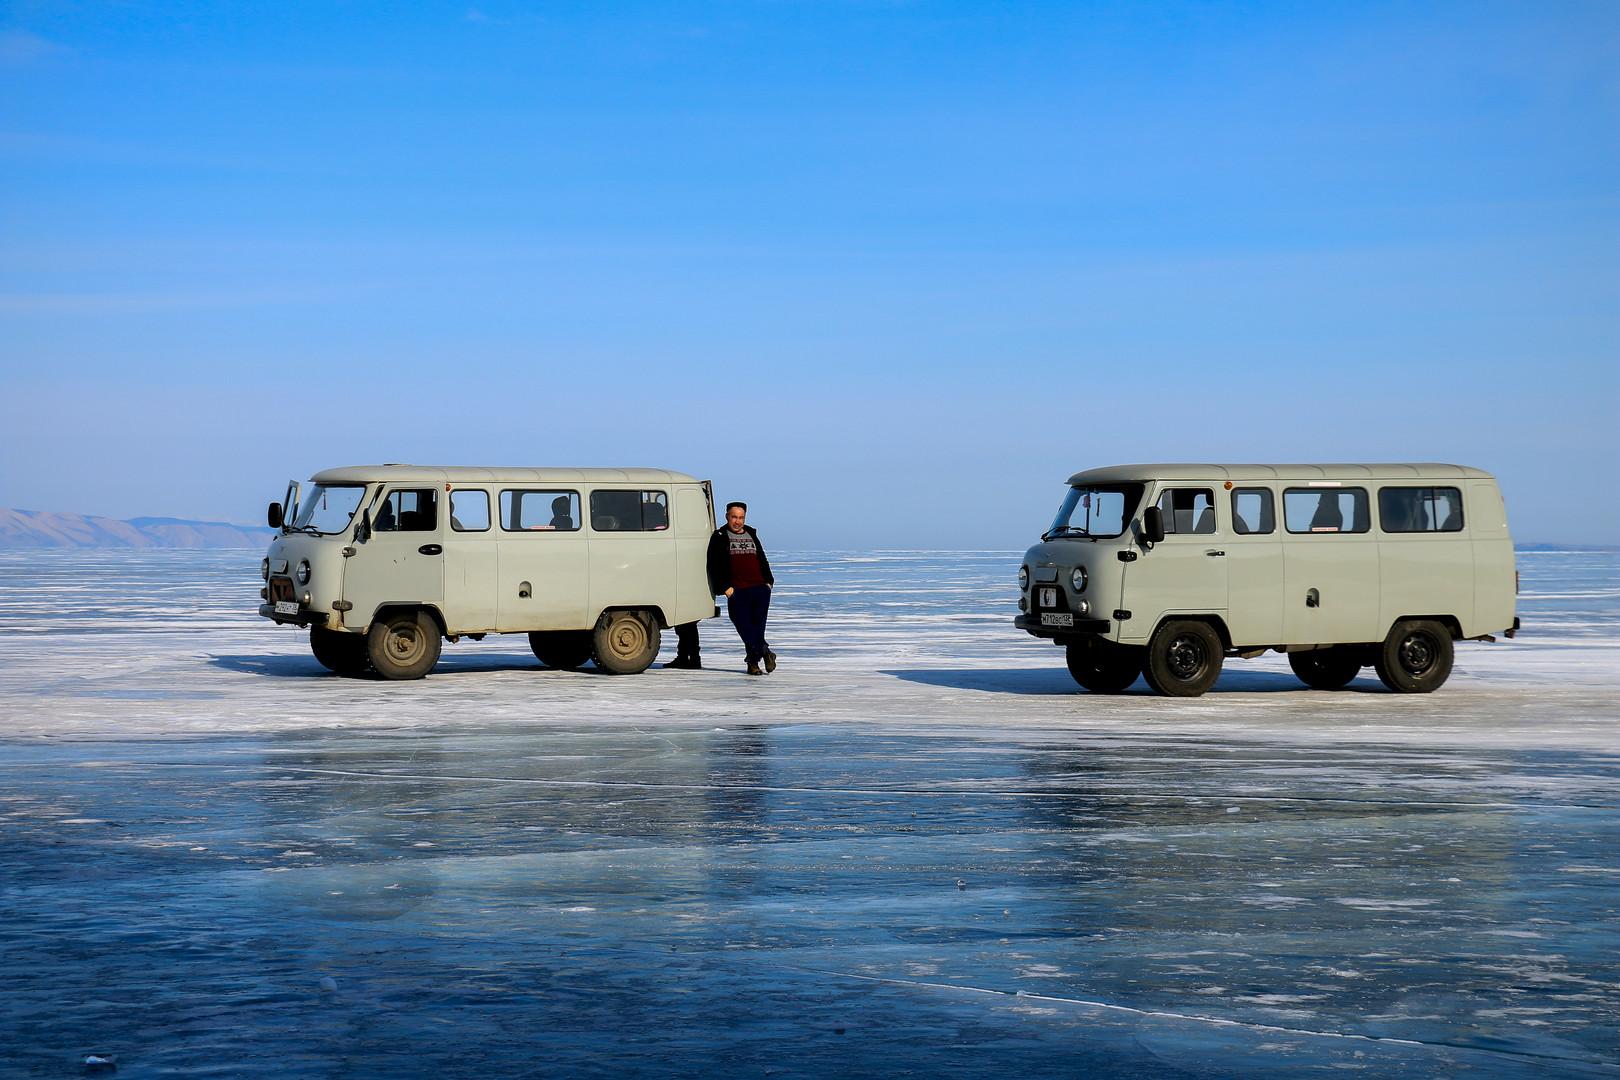 Baikal WIX-9410.jpg